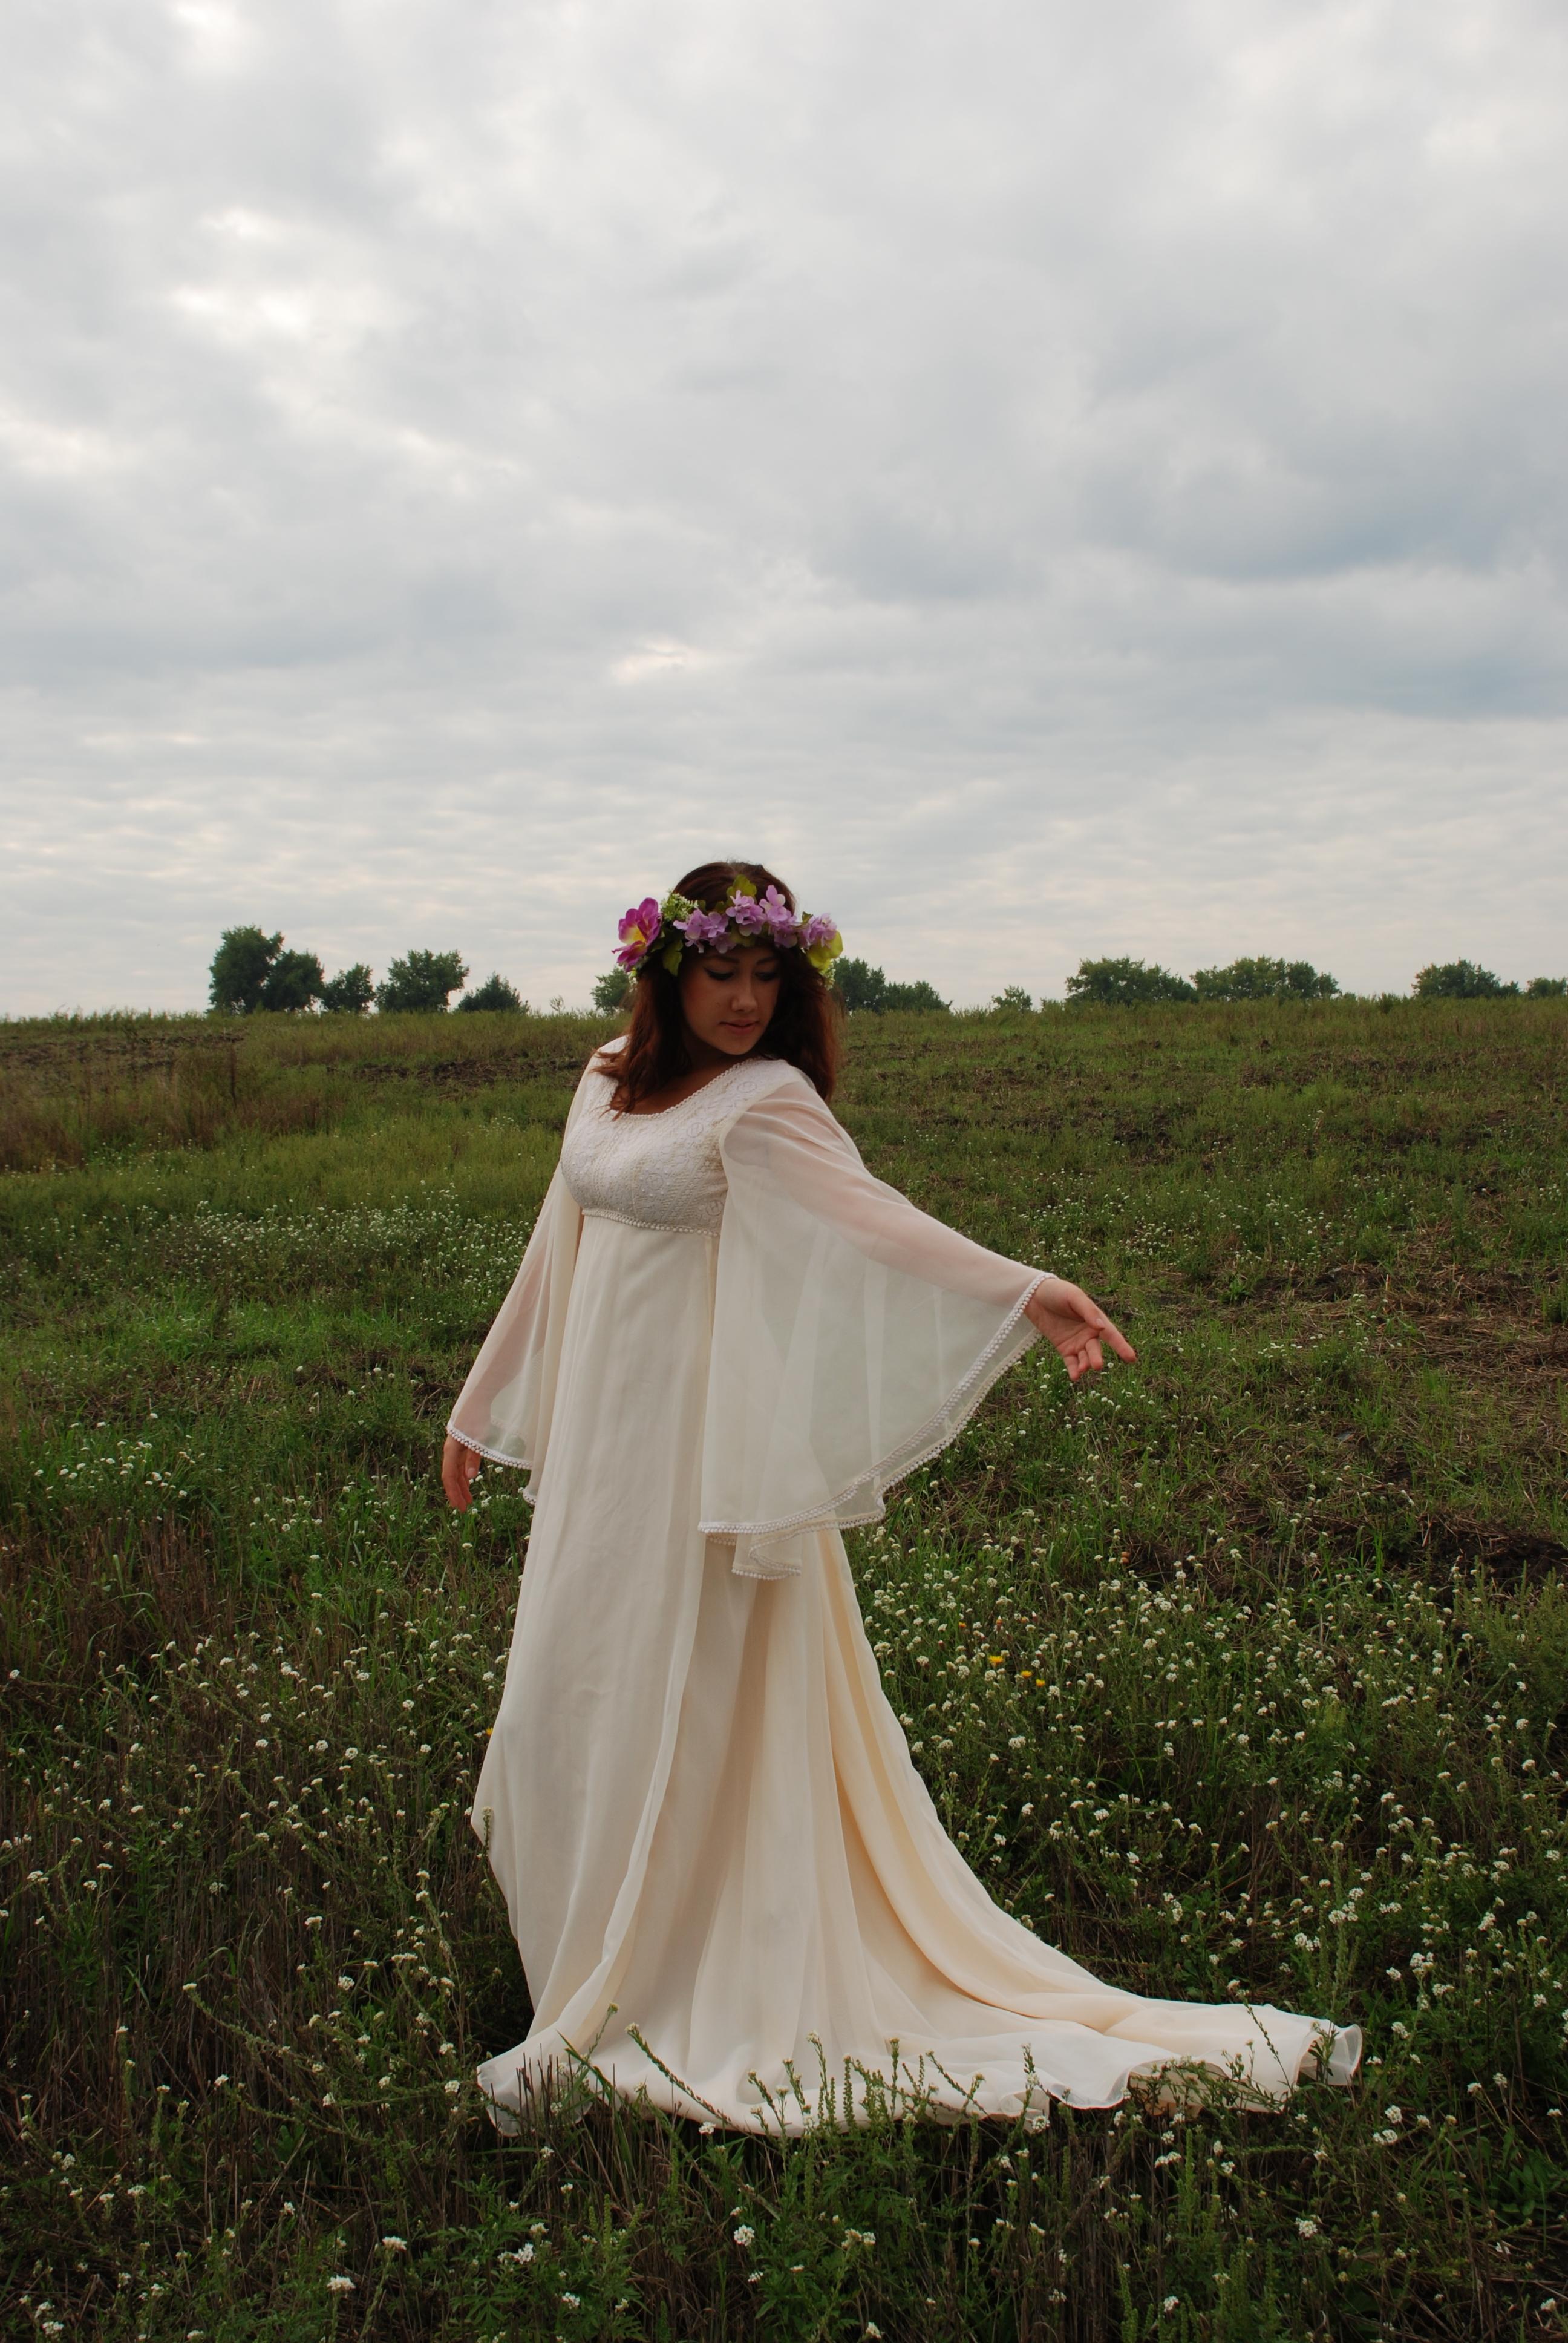 In the flower meadow_9 by anastasiya-landa